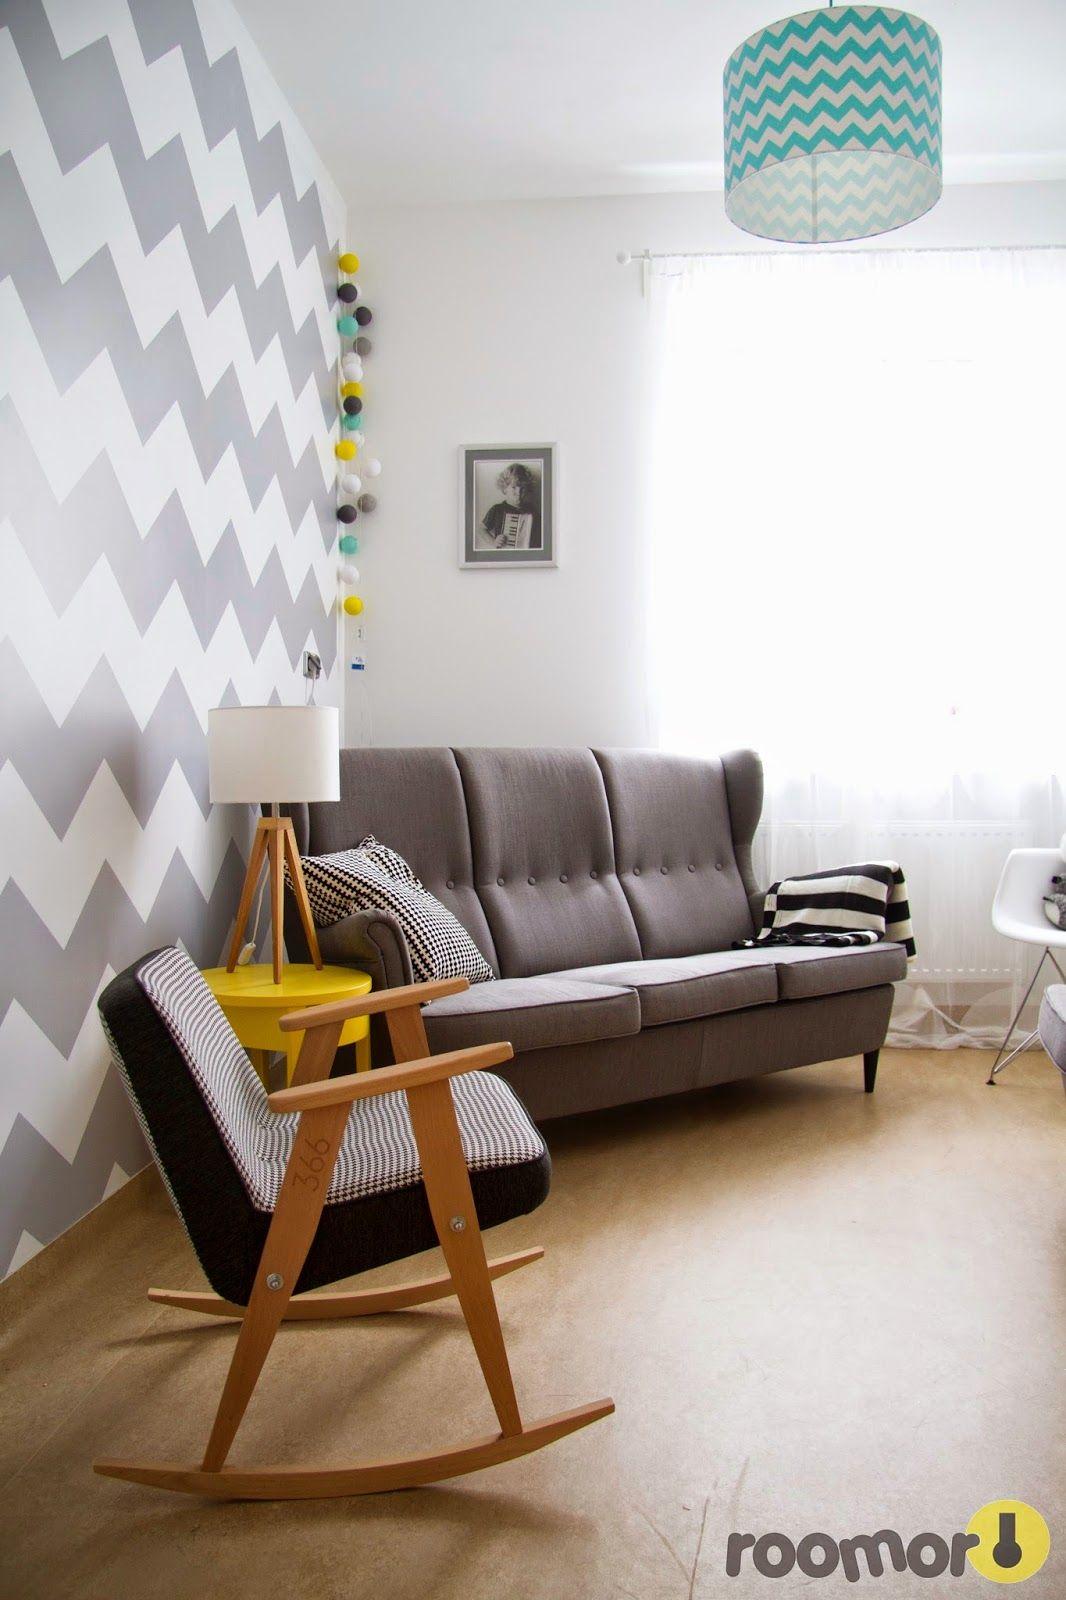 roomor!: roomor! 366 Concept, Chierowski, chevron, living, roomor ...